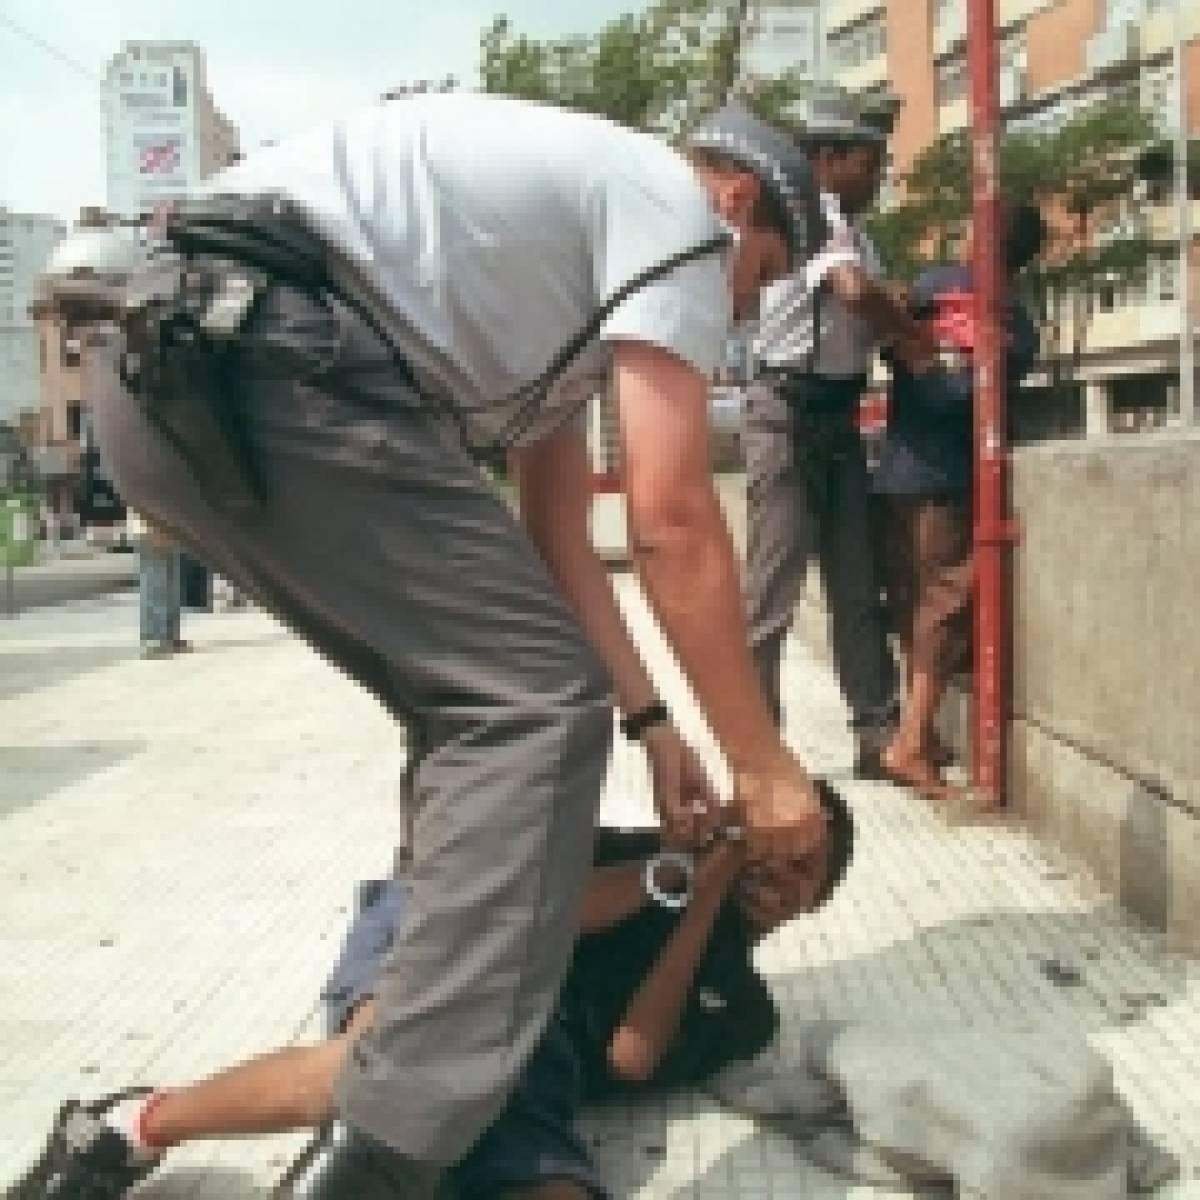 Dossiê relata torturas de jovens pela PM em São Paulo